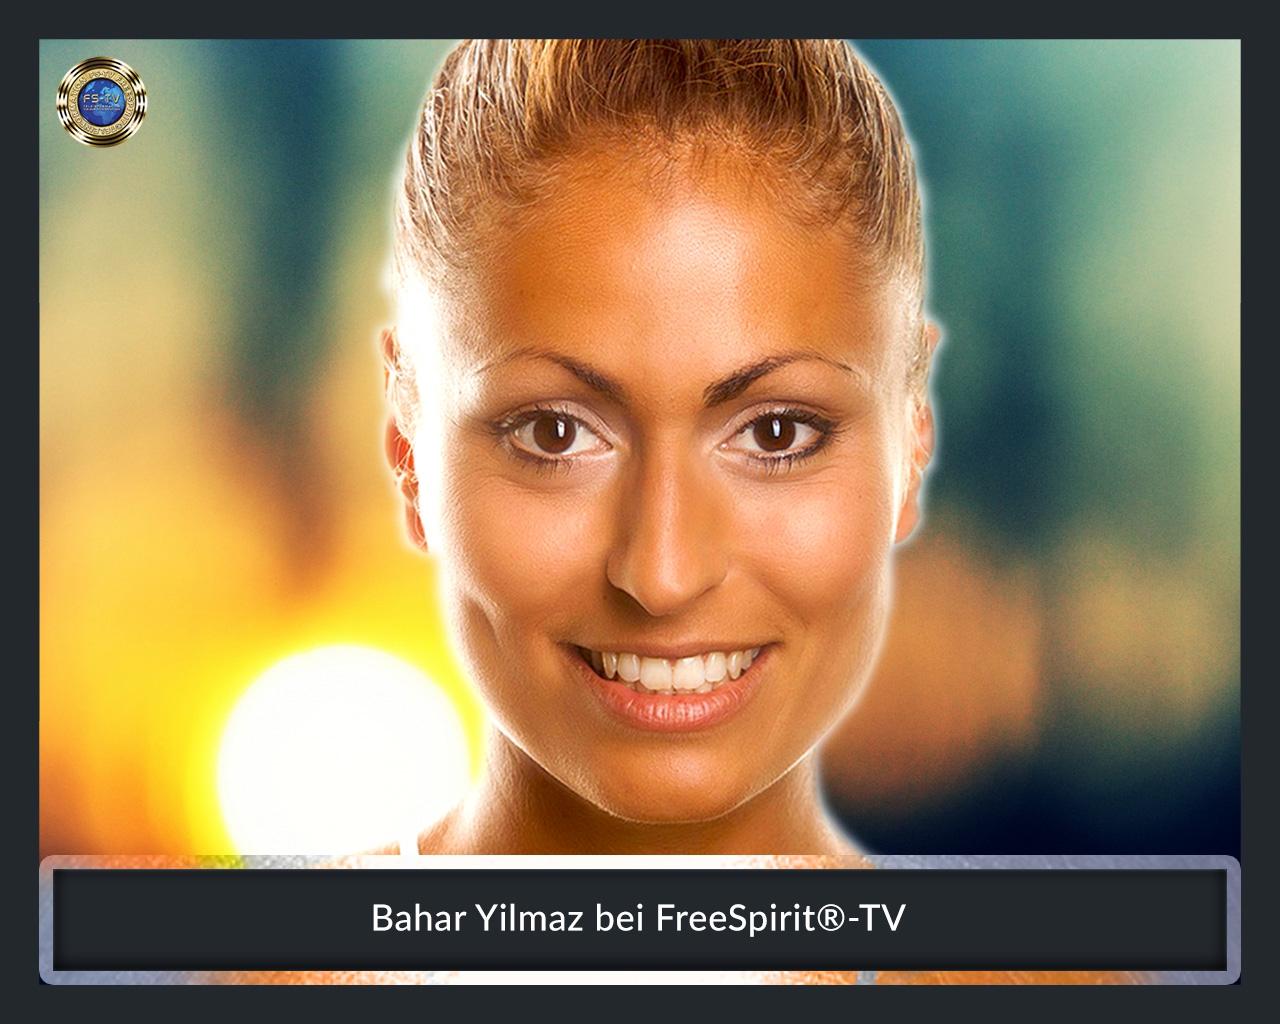 FS-TV-Bildergallerie-Bahar-Yilmaz